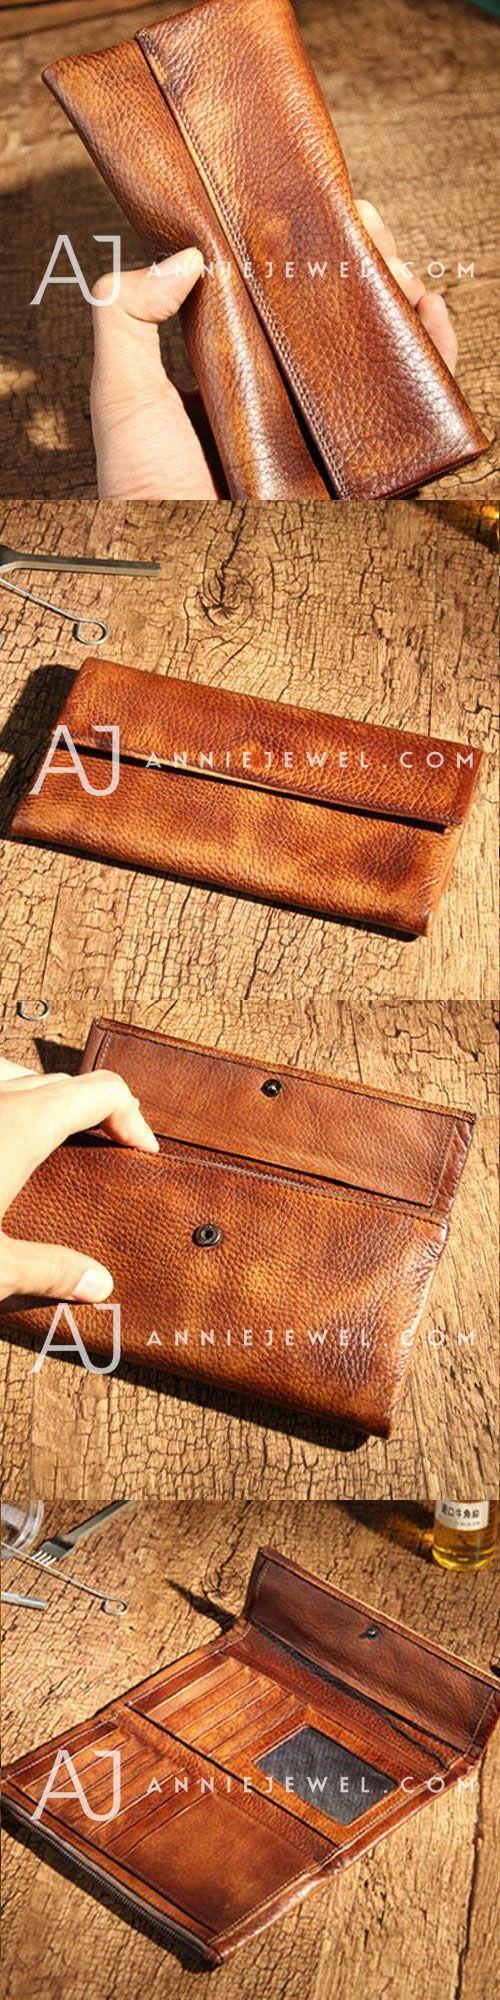 Handmade leather vintage women men long wallet clutch phone purse wallet